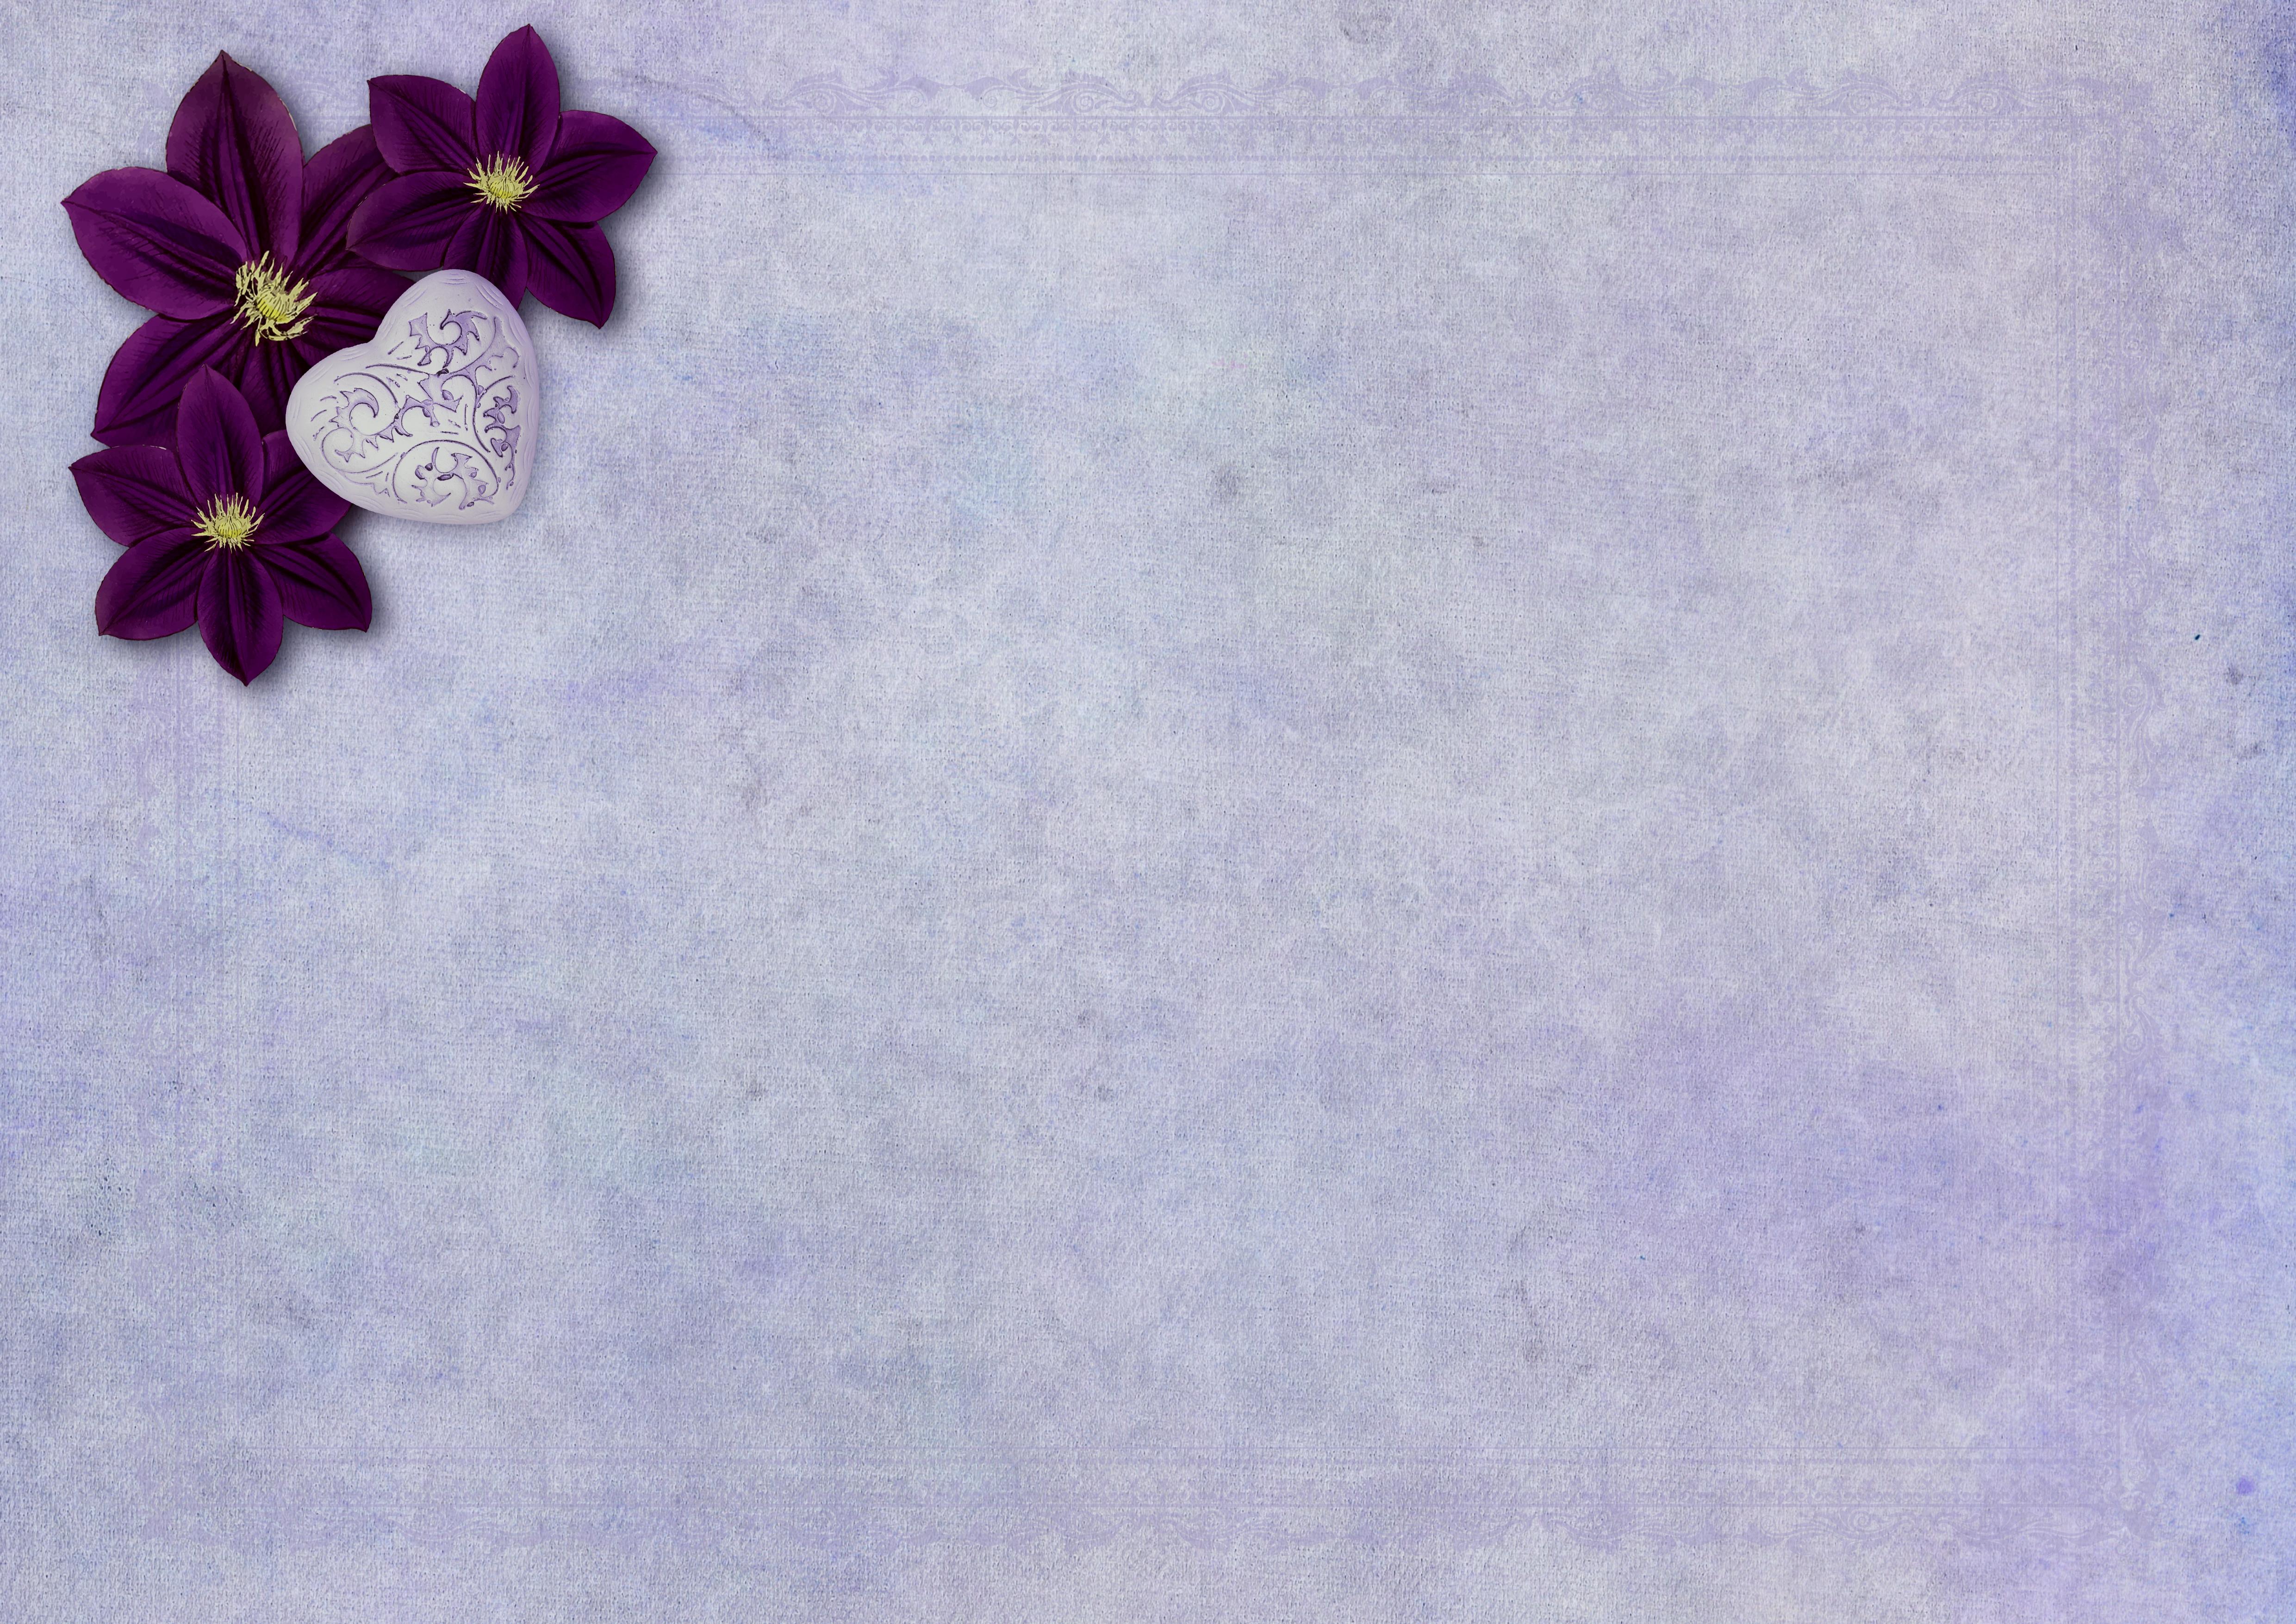 รูปภาพ หัวใจ เฟรม กระดาษ ตกแต่ง การ์ดอวยพร วันเกิด